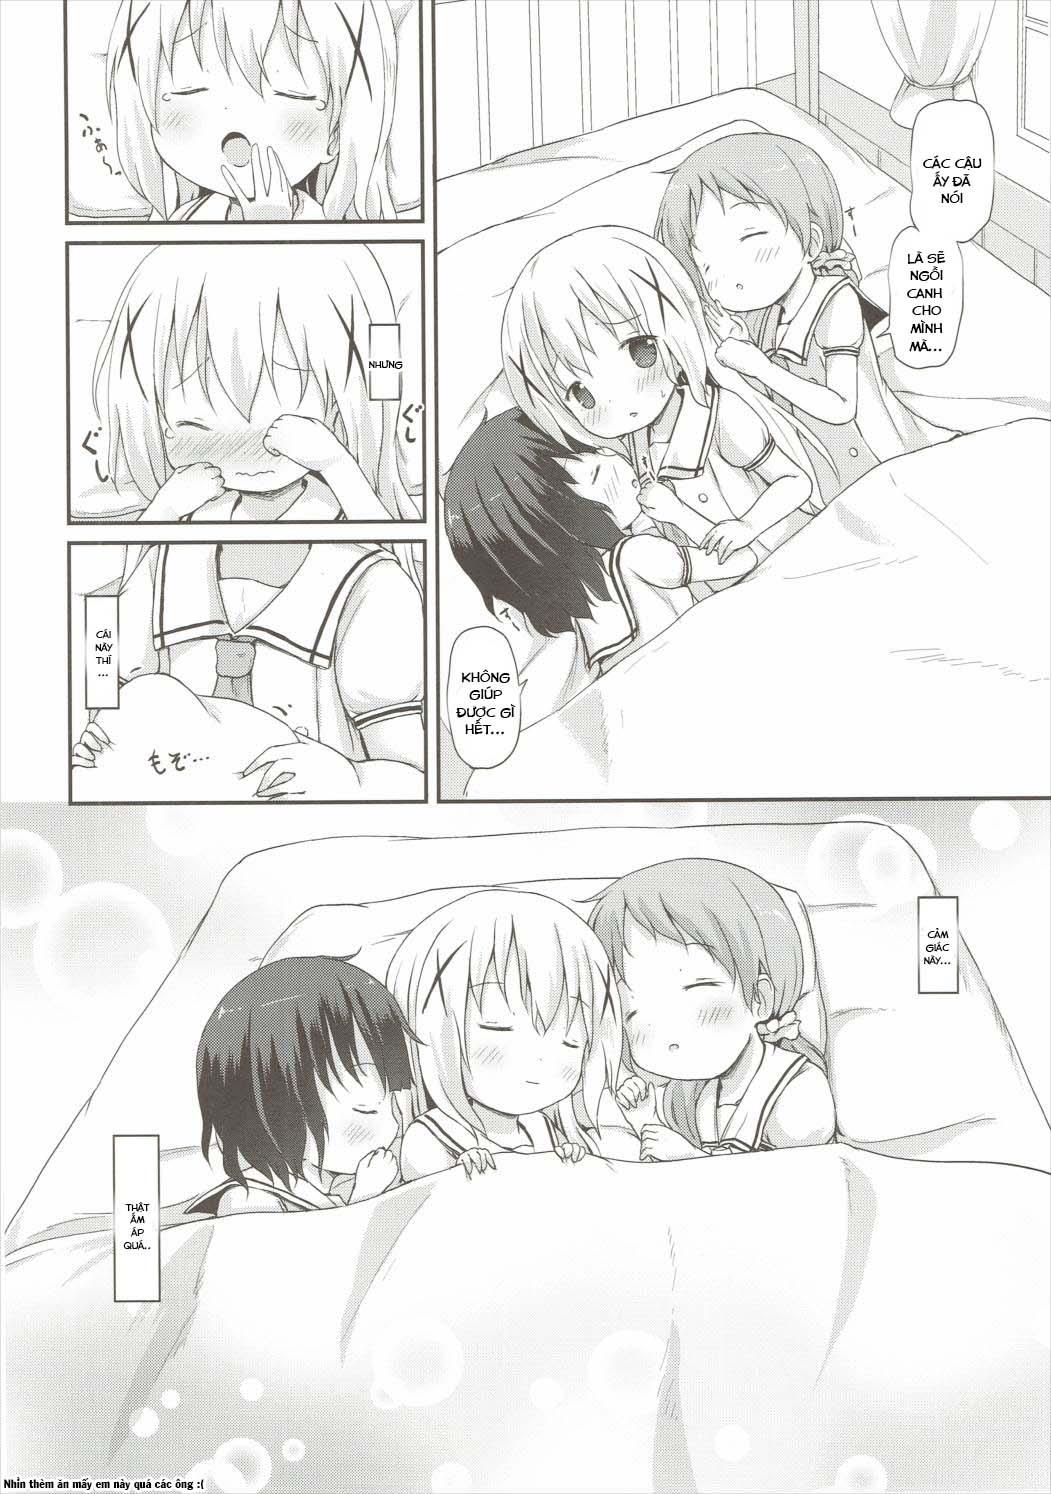 HentaiVN.net - Ảnh 13 - Moshikashite, Chino-chan Onesho Shichatta no?? 2 (Gochuumon wa Usagi desu ka?) - Oneshot